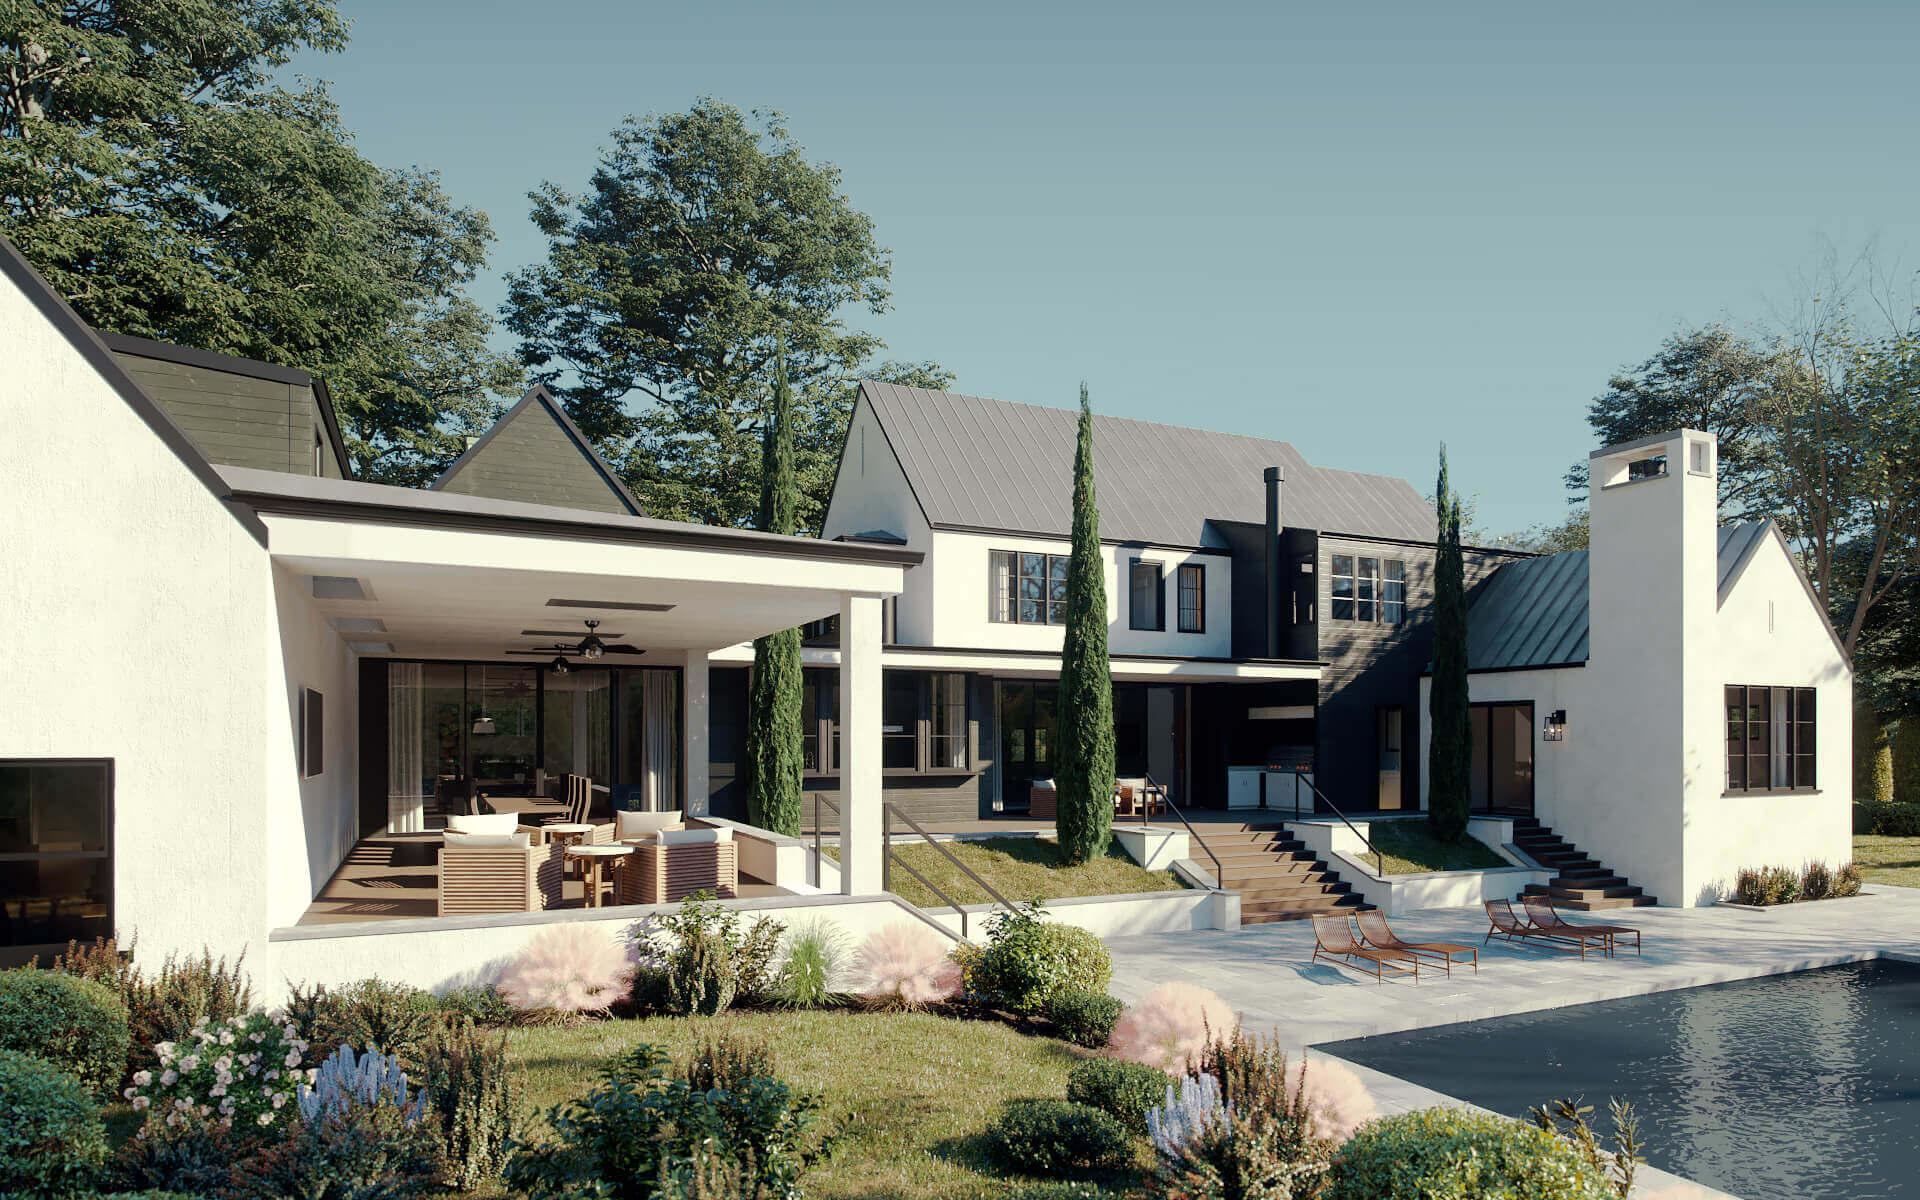 3D Exterior Visualization Of a Rural Villa